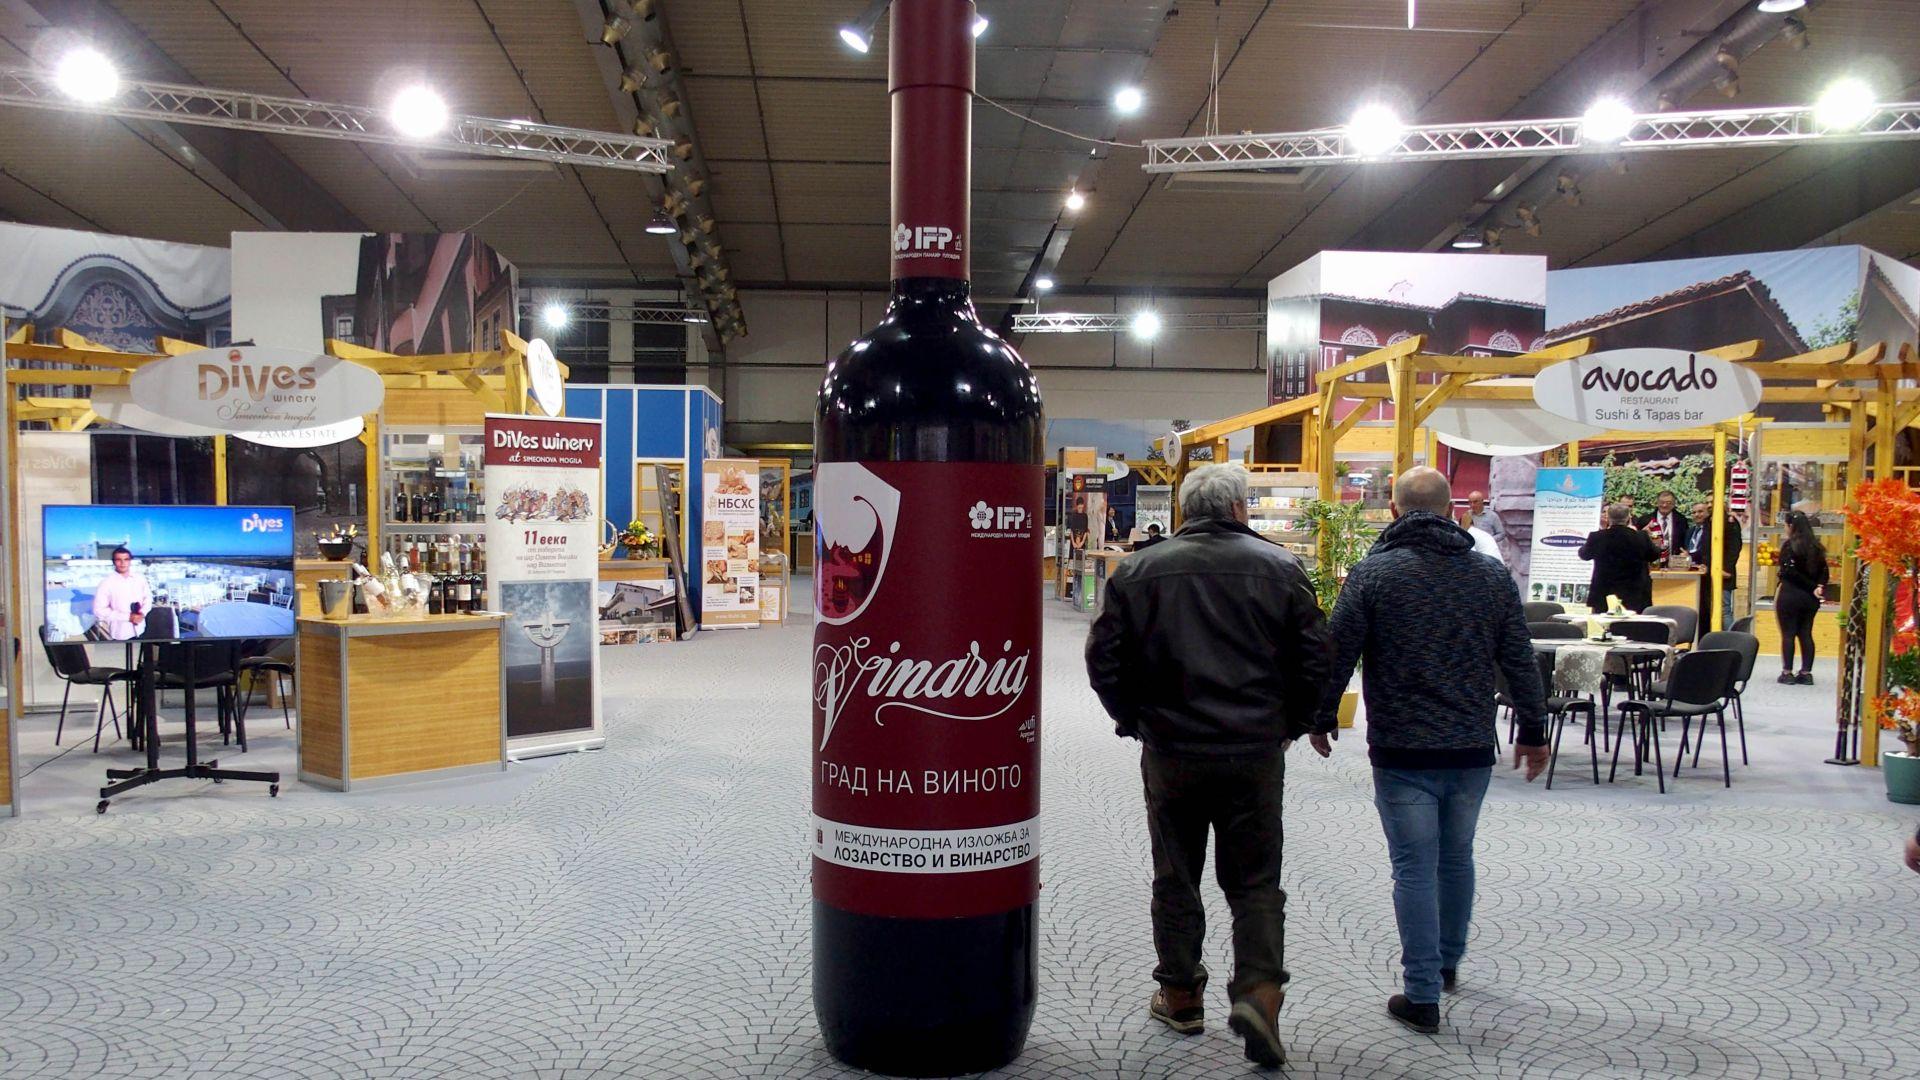 Предлагат вино в глинена бутилка в чест на Пловдив'2019